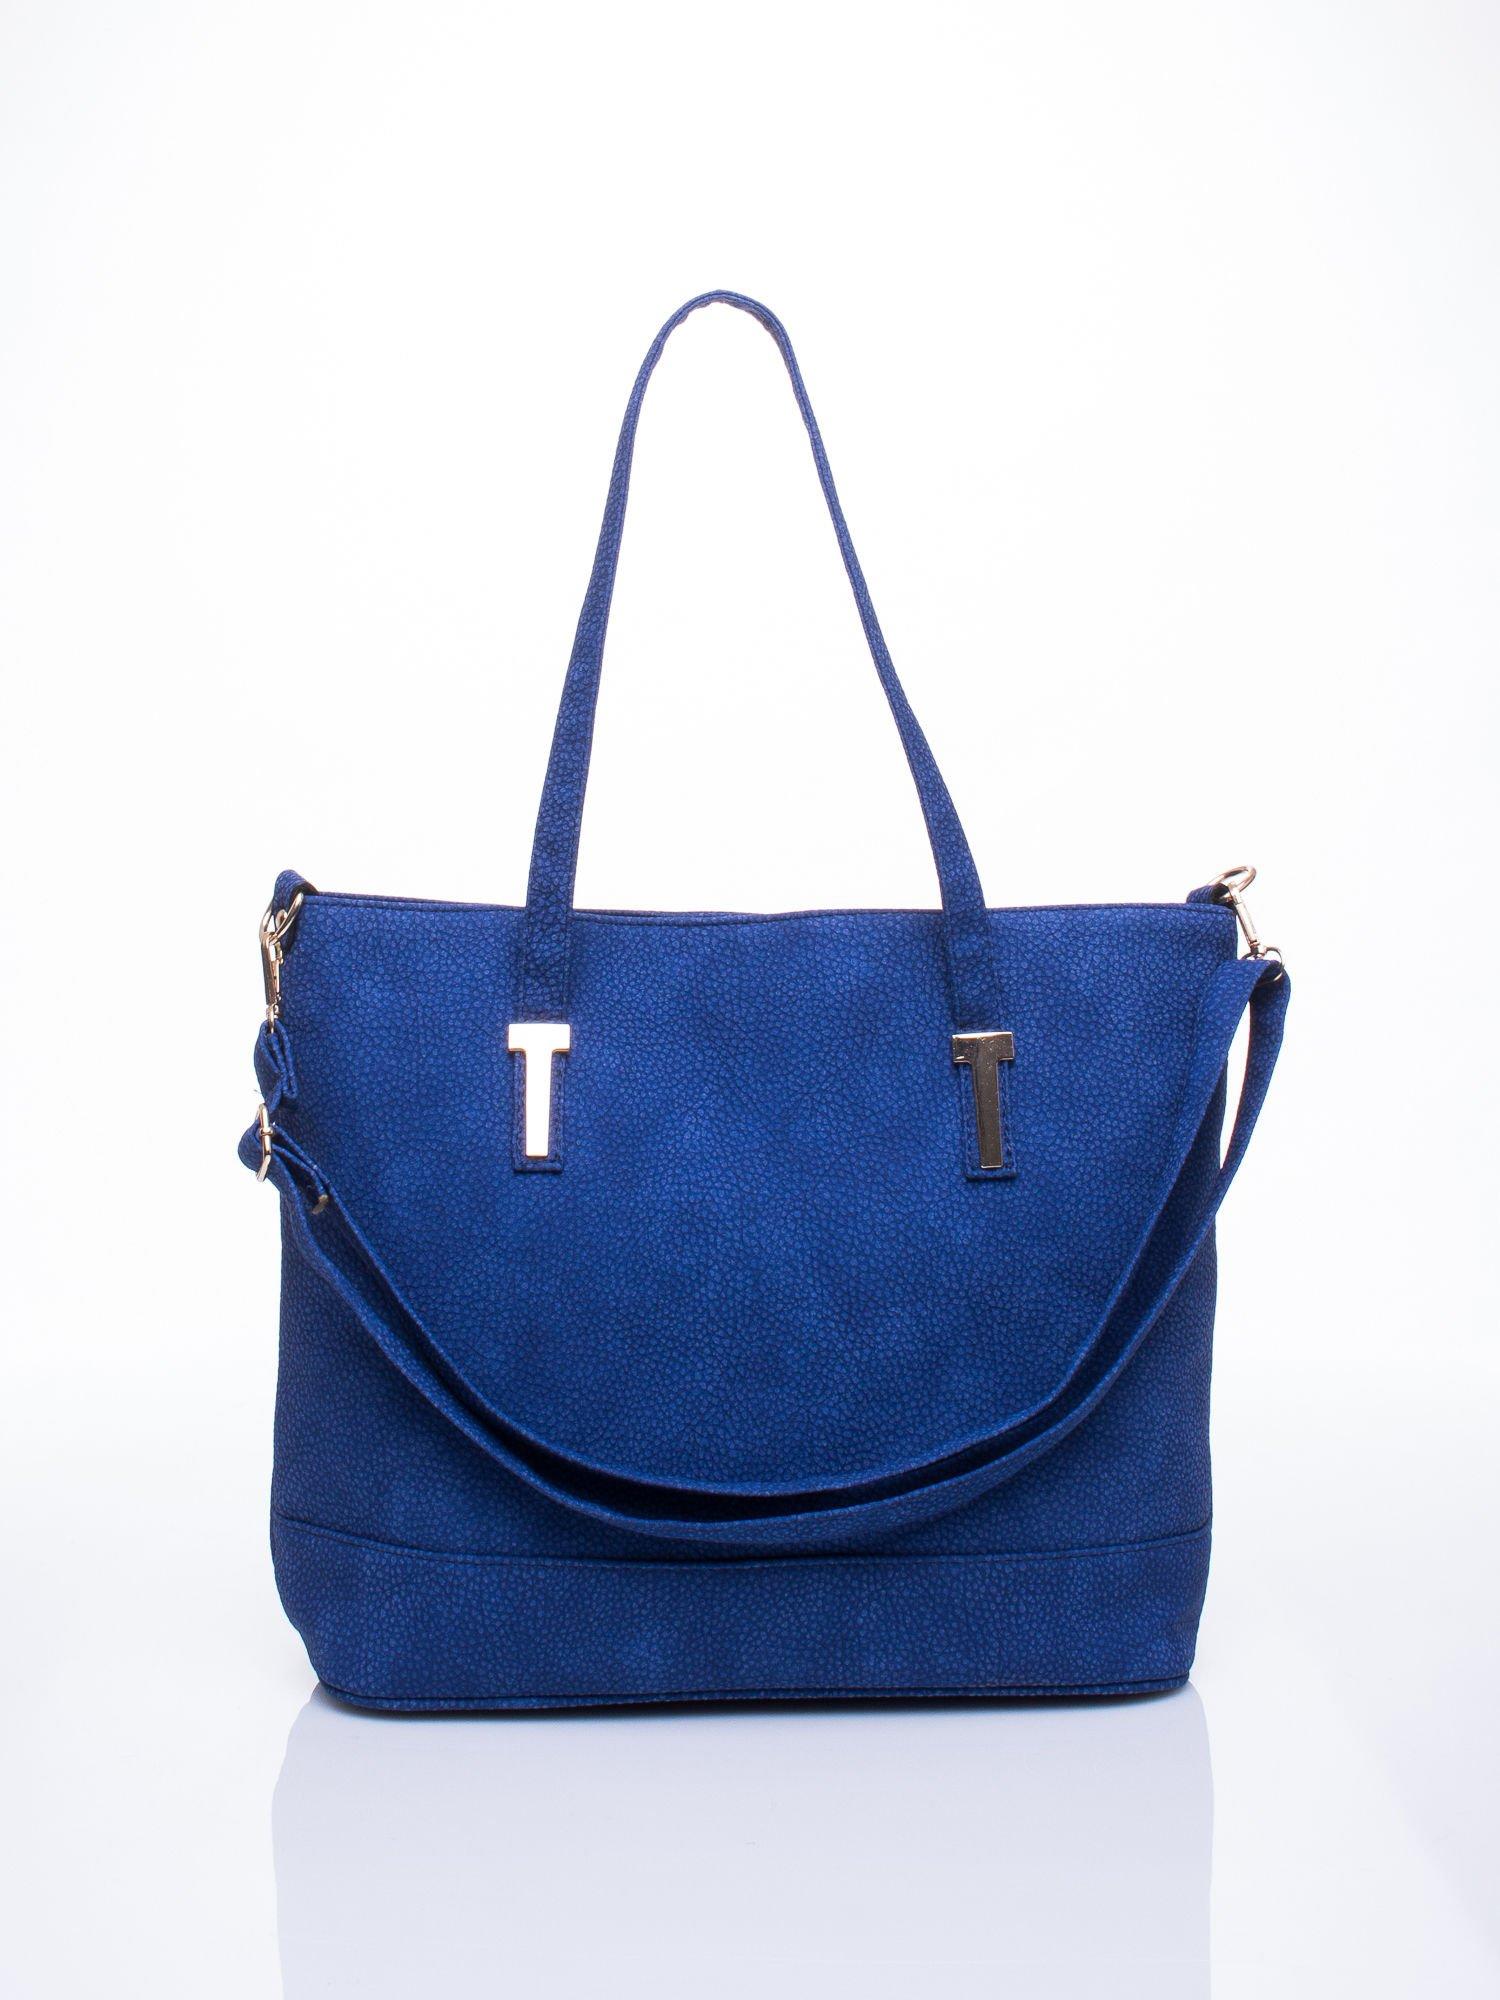 Niebieska torba shopperka z odczepianym paskiem                                   zdj.                                  1